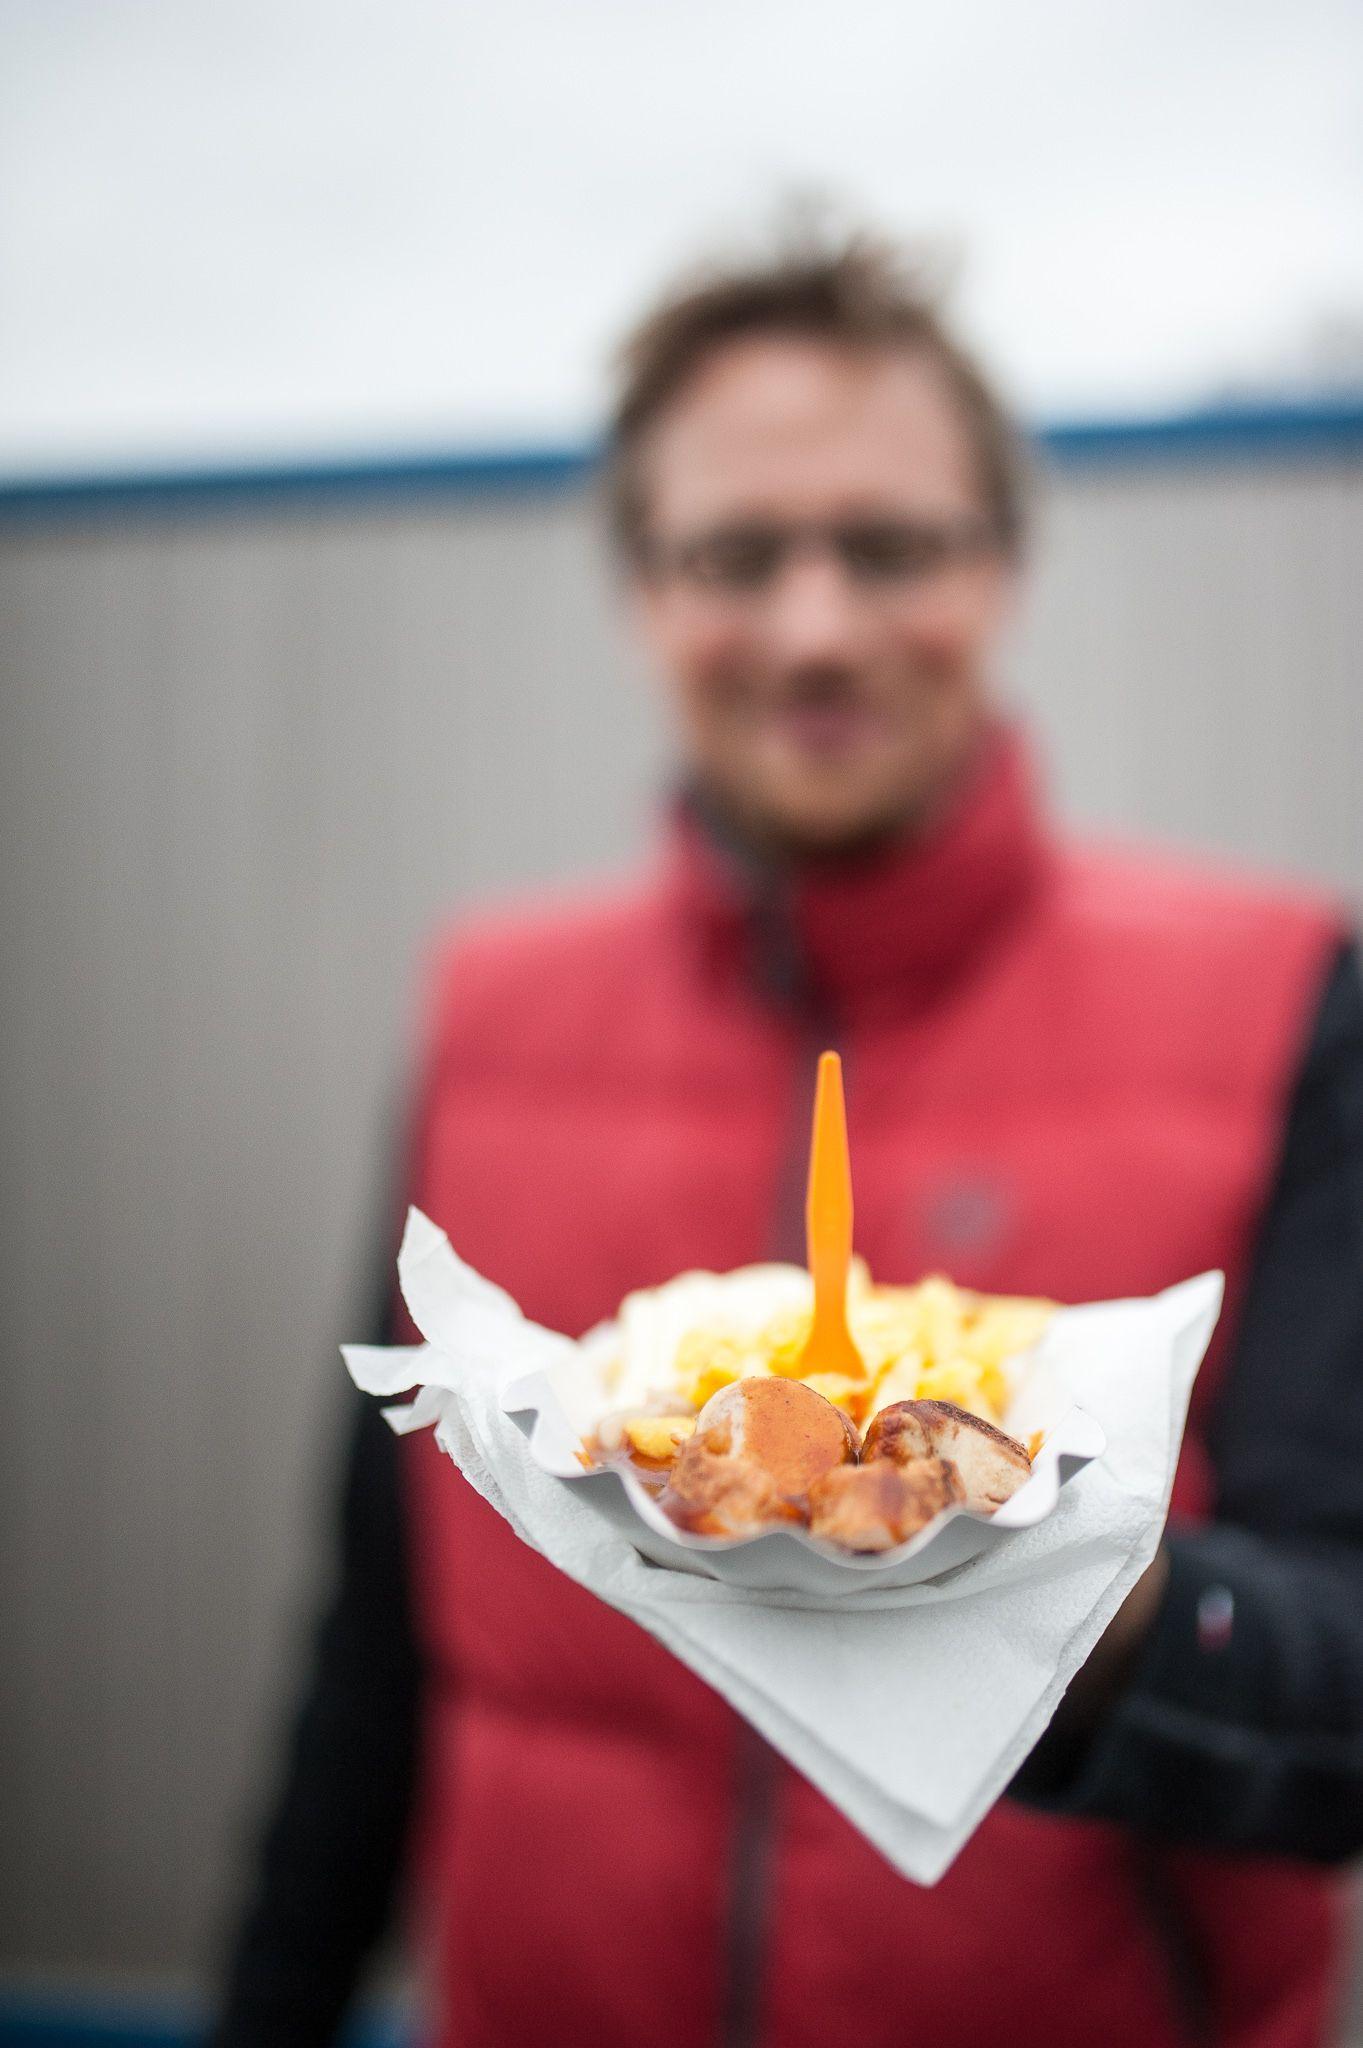 Grubenwagen Currywurst lecker